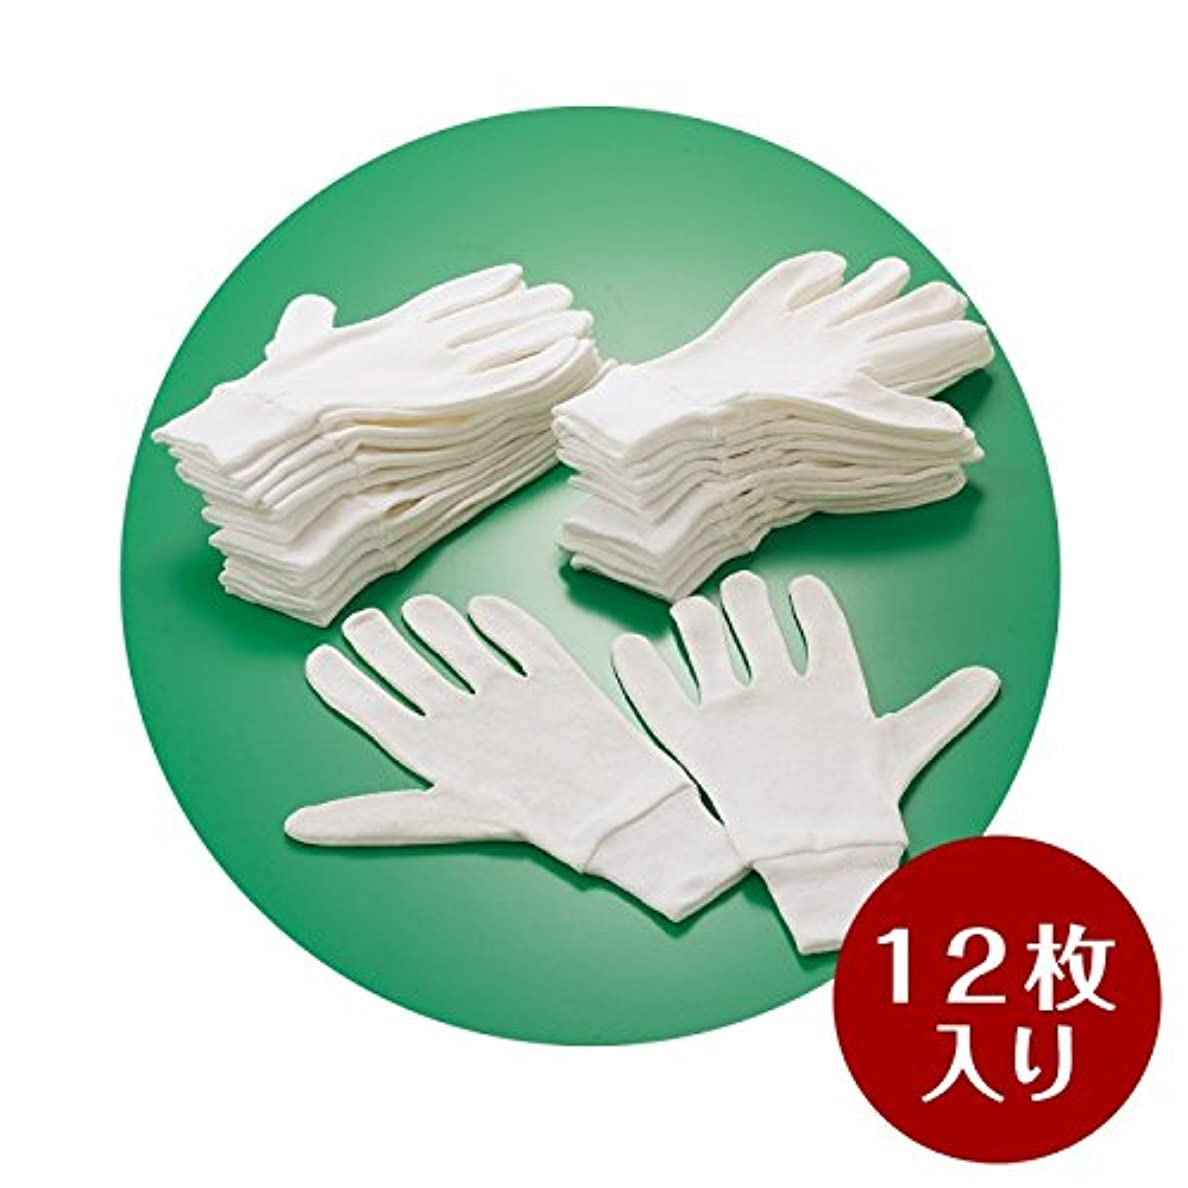 ロードされたボーダーラリー手袋 コットン手袋 12枚入り